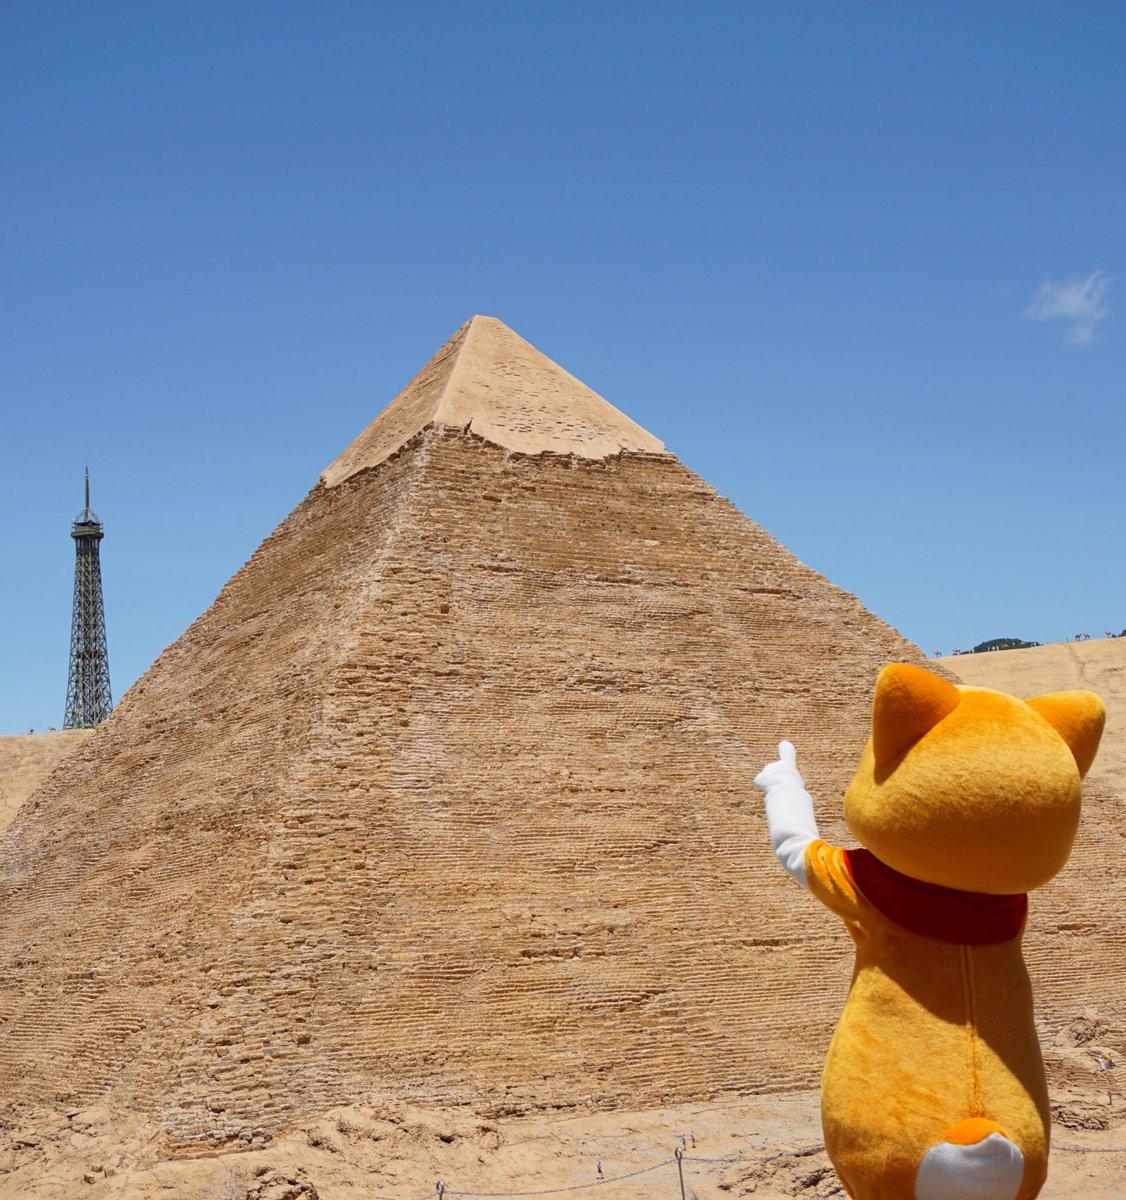 ピラミッドだにゃー!おおきいにゃん♪うにゃ? みんにゃ「エッフェル塔」がみえるって にゃ?エジプトと フランスはちかかっ